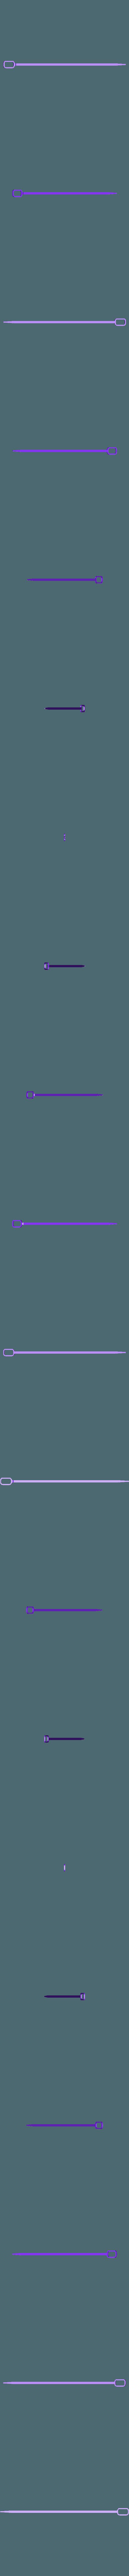 FaceShieldStrapRevD.stl Télécharger fichier STL gratuit Sangle pour écran facial de Prusa • Design pour impression 3D, ThinkSolutions